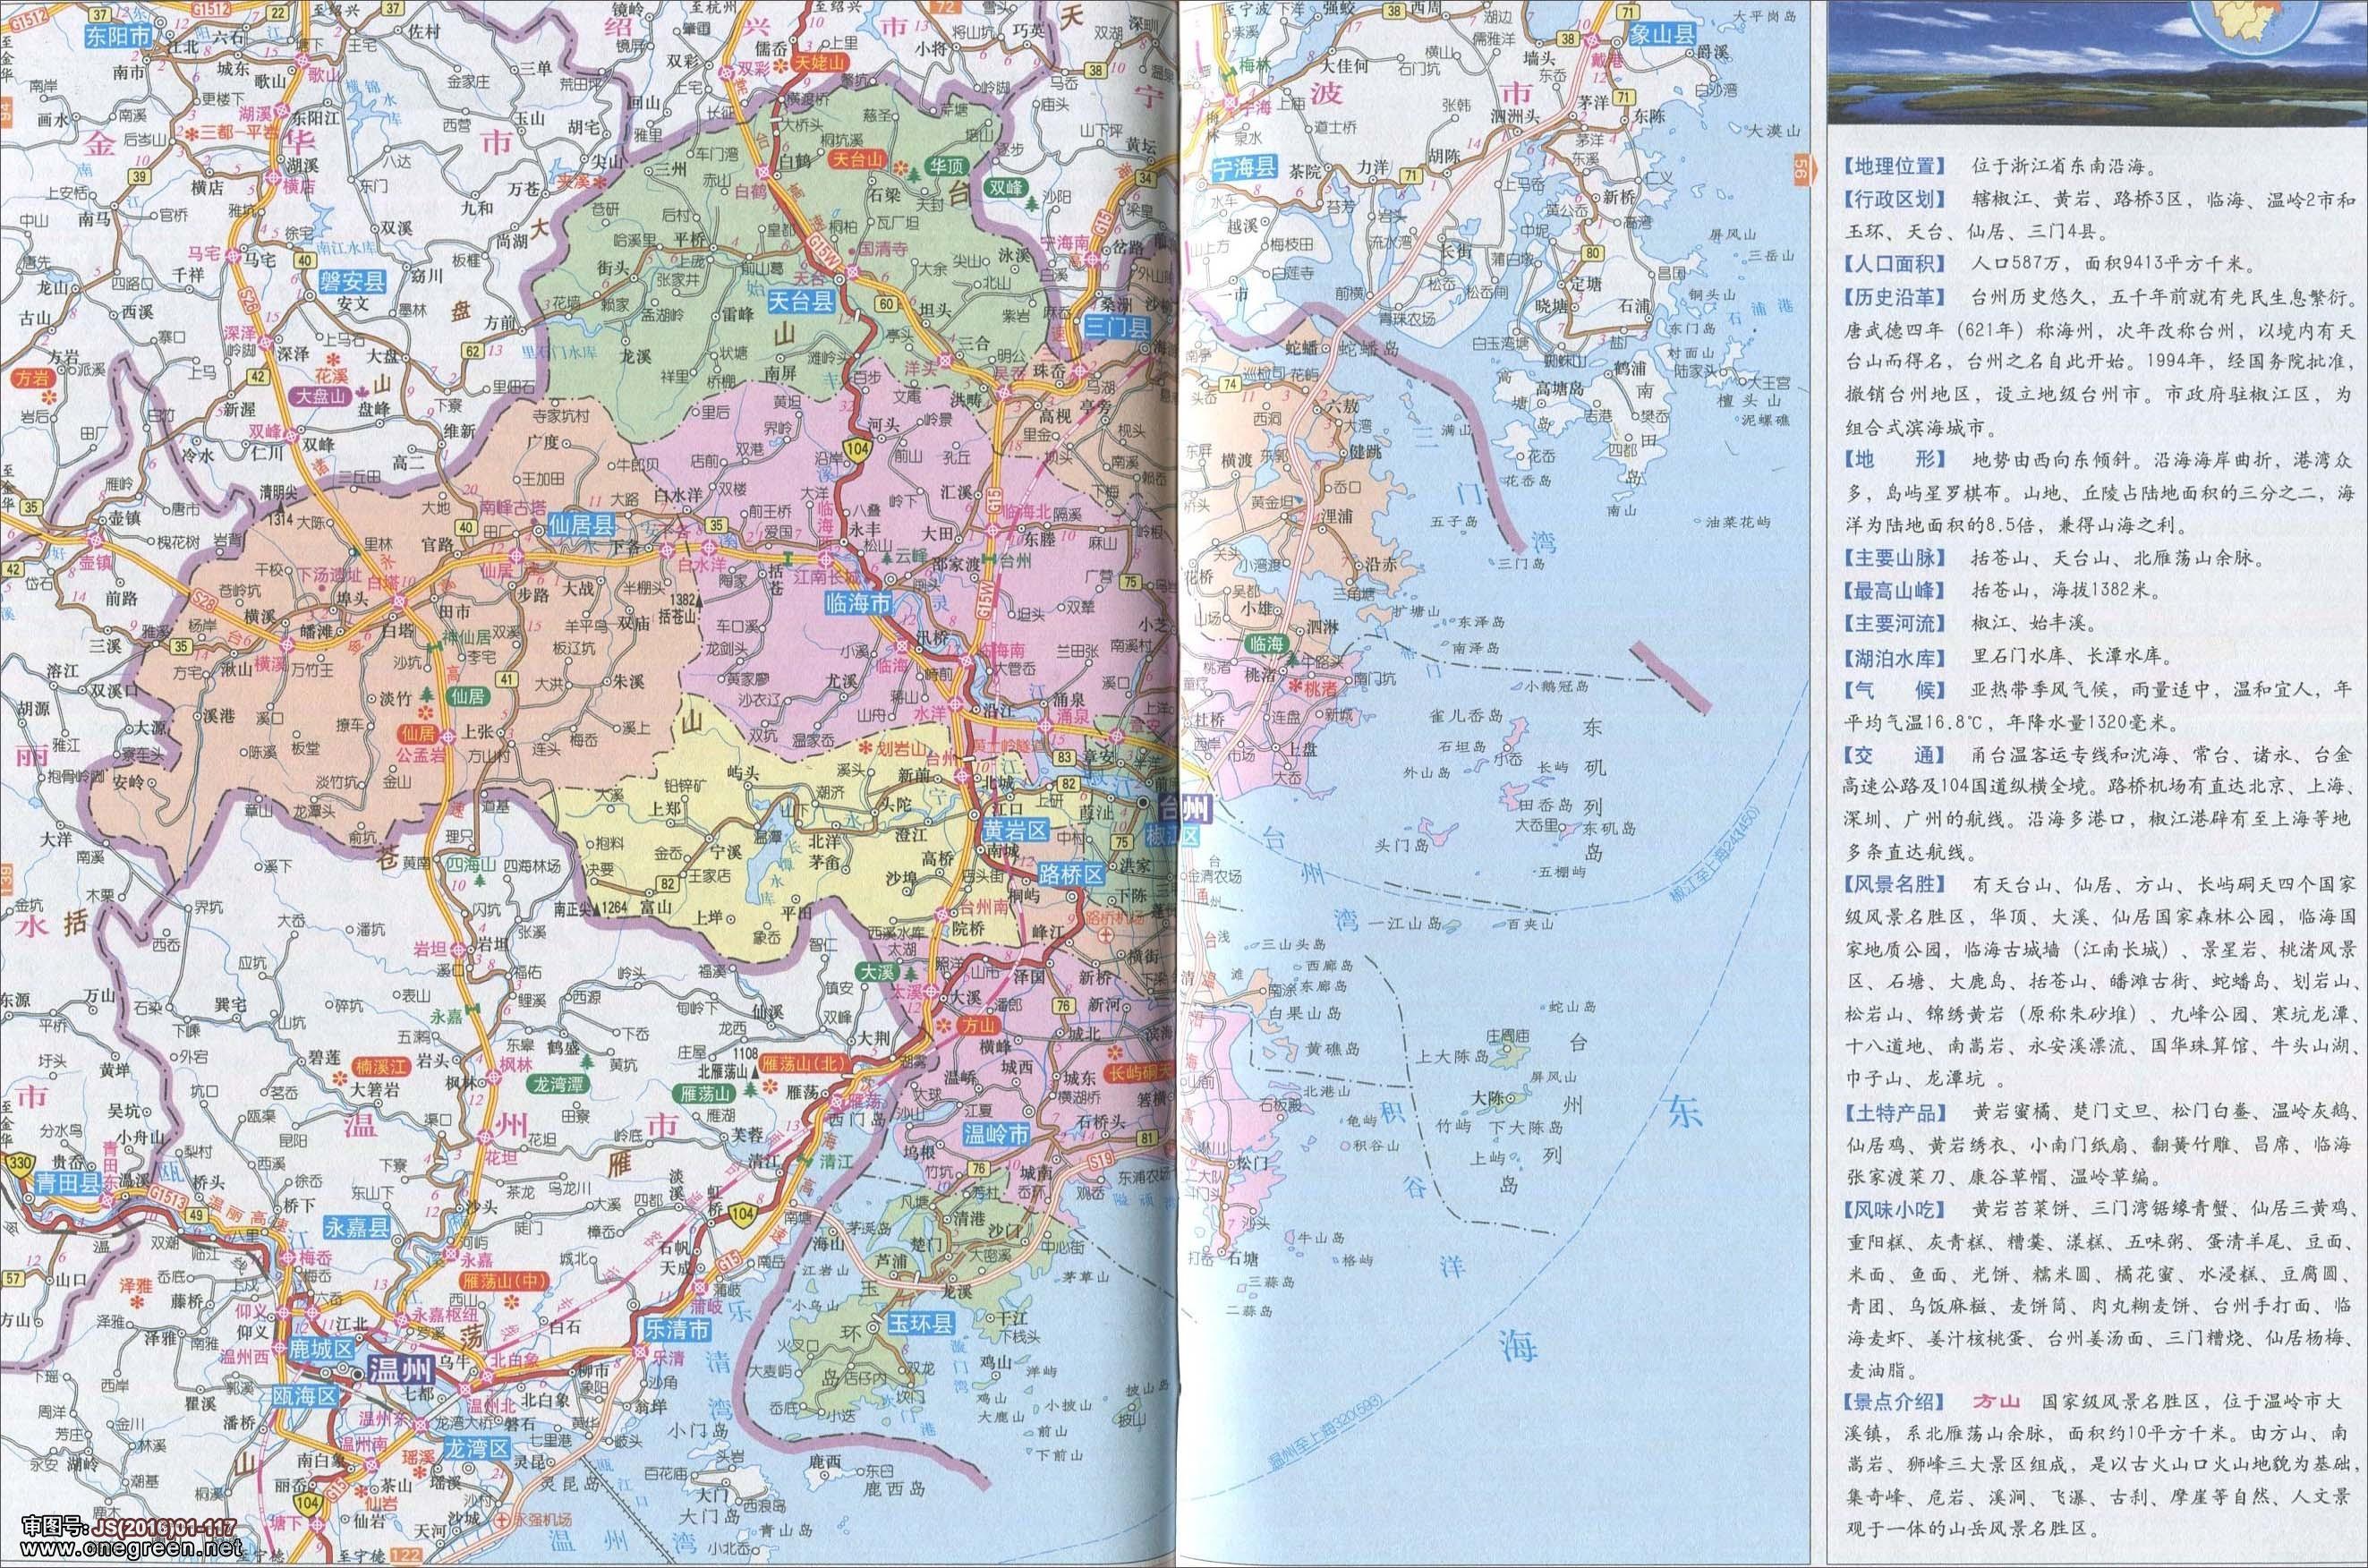 金华旅游景点_台州市地图高清版_台州地图库_地图窝